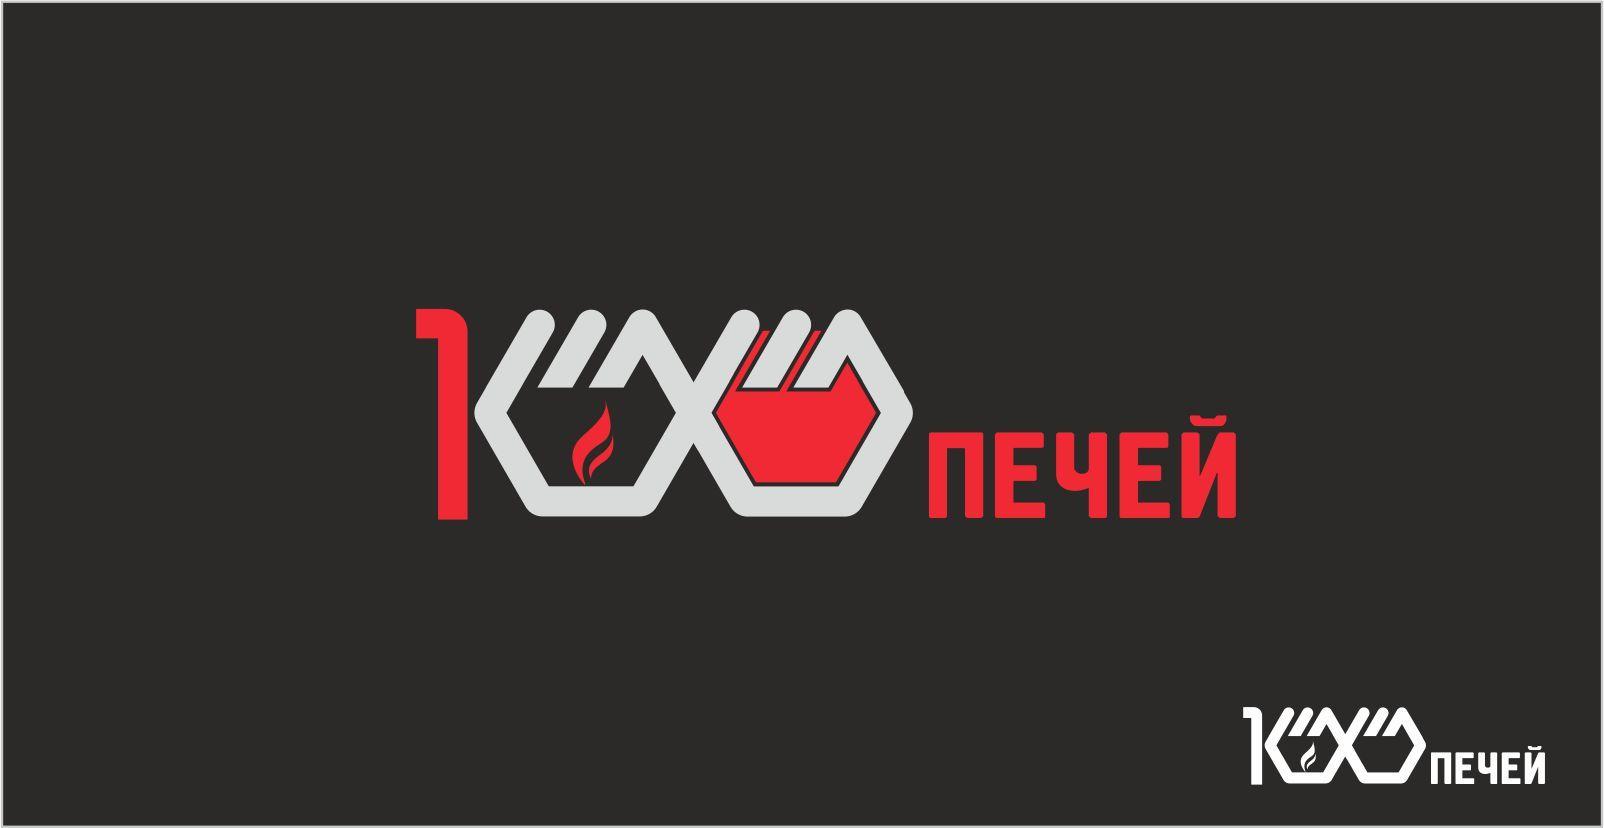 Логотип 100 печей - дизайнер SobolevS21